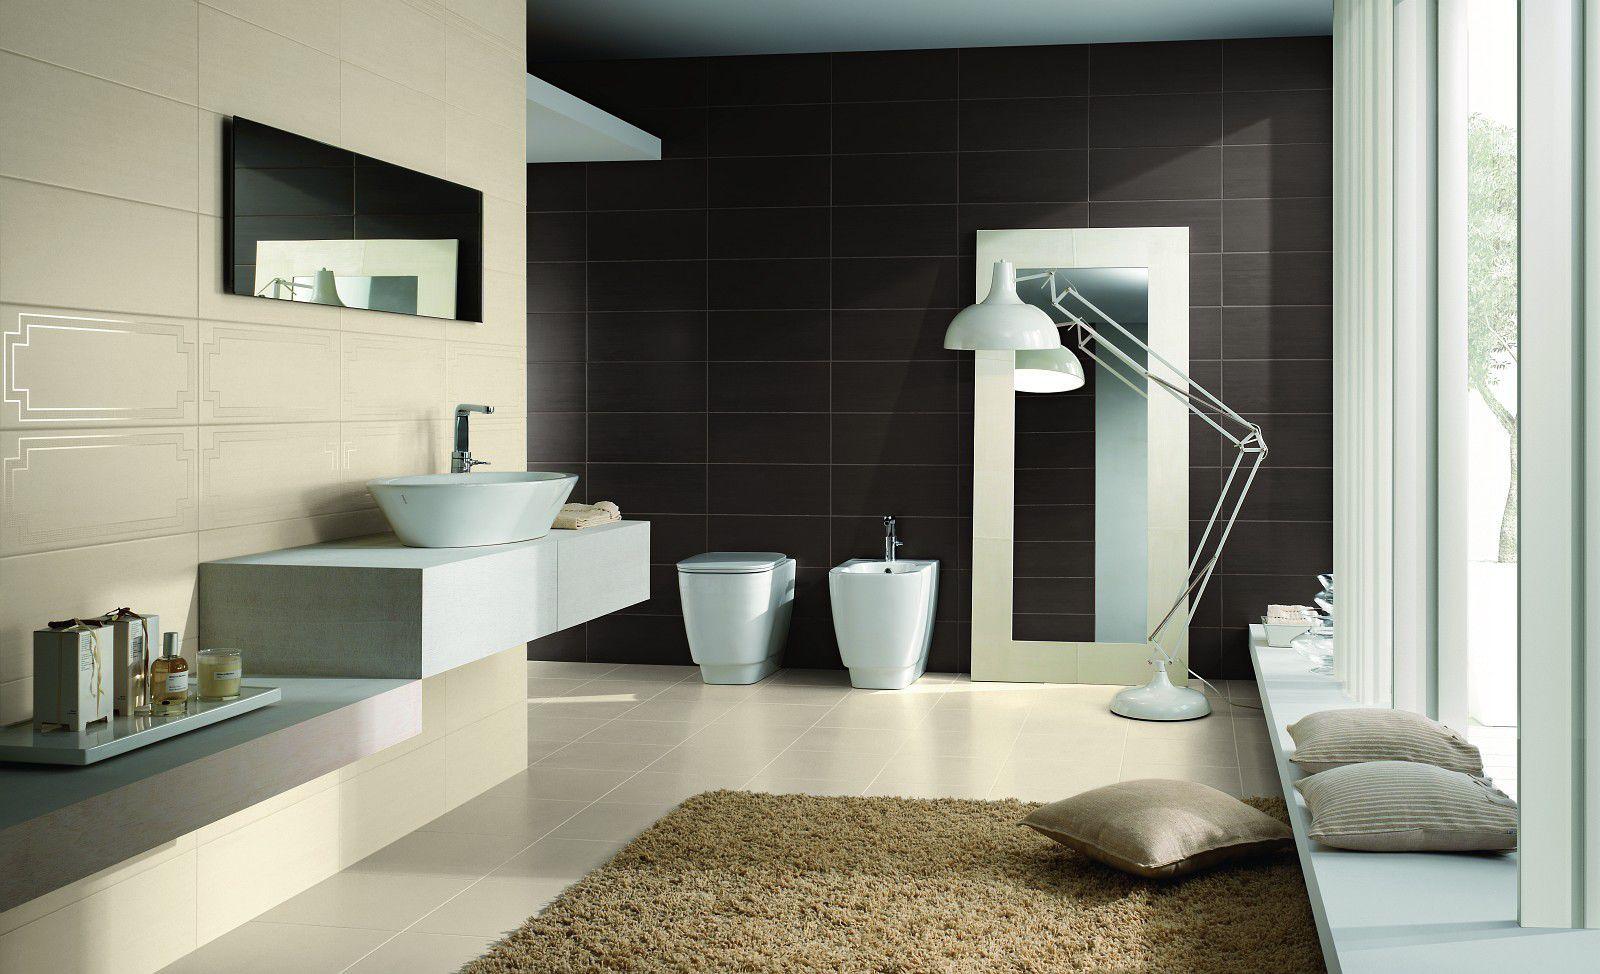 Fliesen für Badezimmer / Küchen / Wand / Keramik - TIME - Ragno